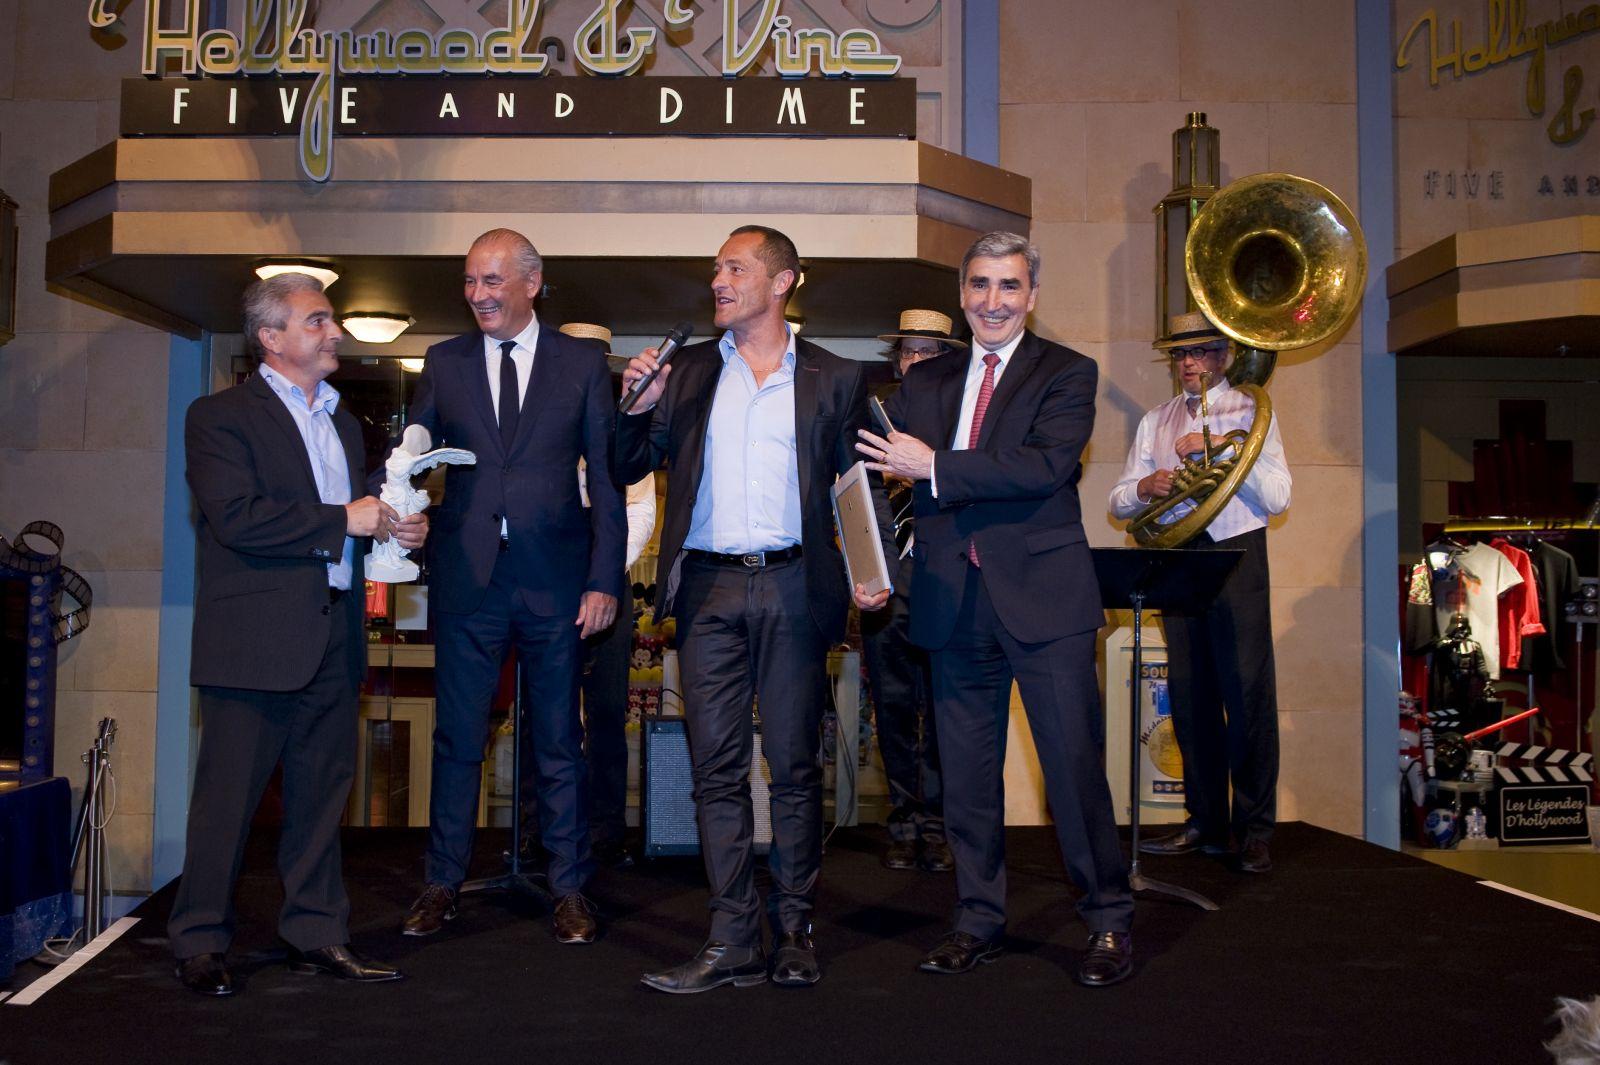 La FVD remet le prix d'Excellence 2013 au Groupe Le Carré